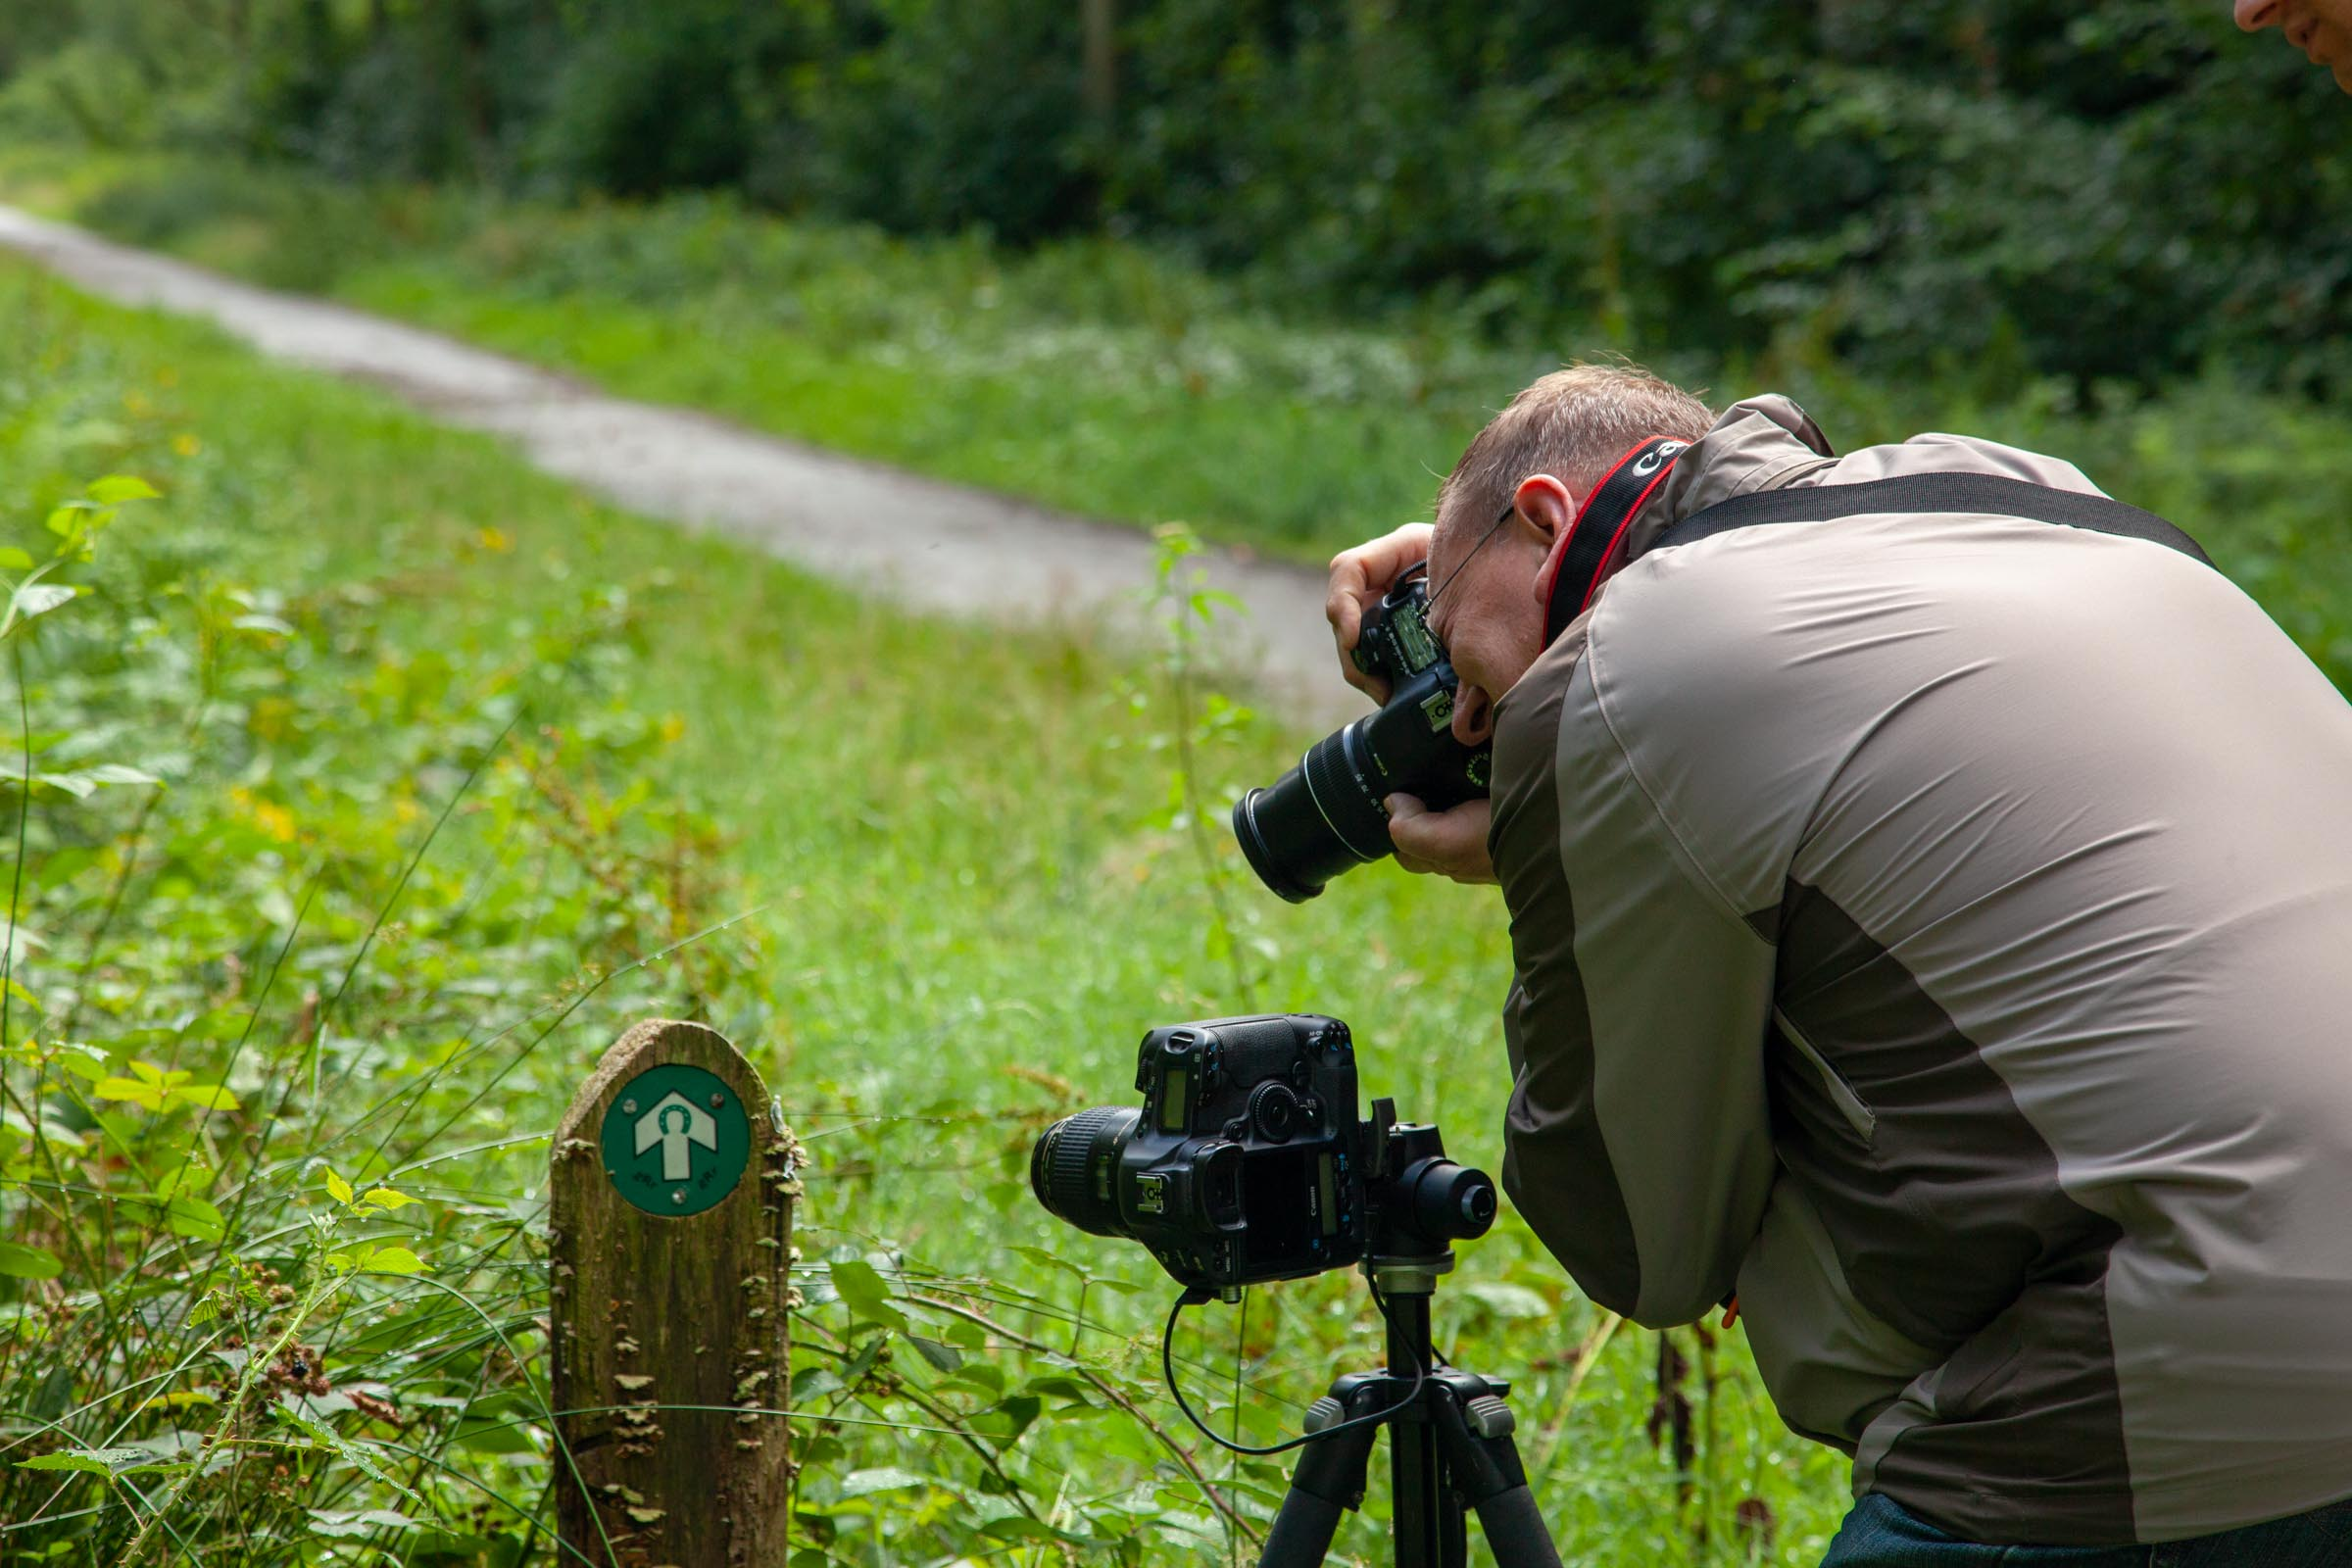 image from Natuurfotografie in het Liesbos